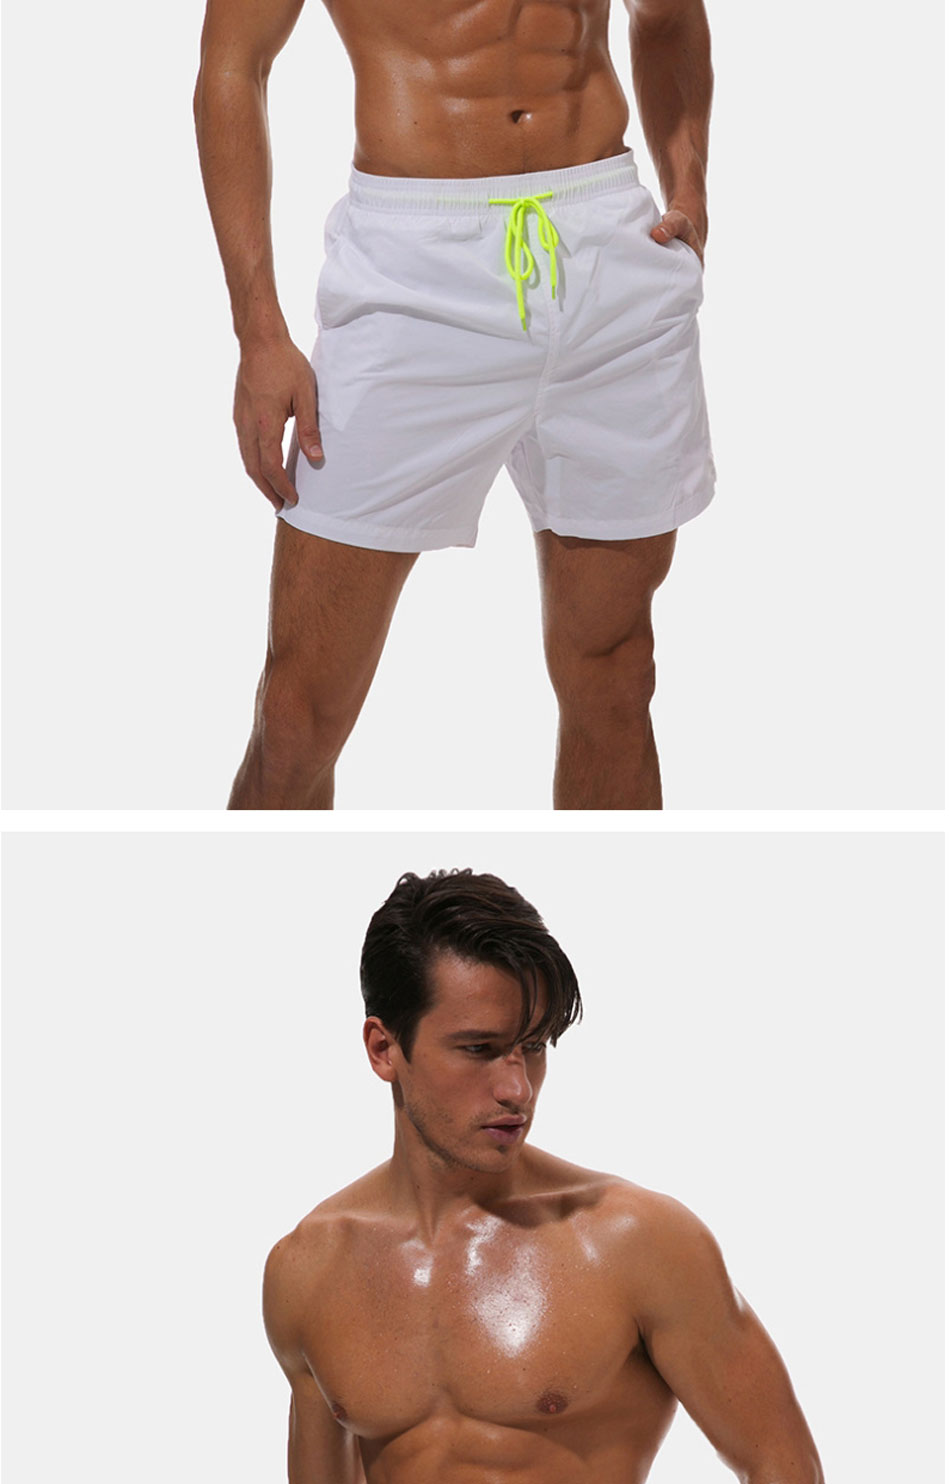 High Quality shorts running